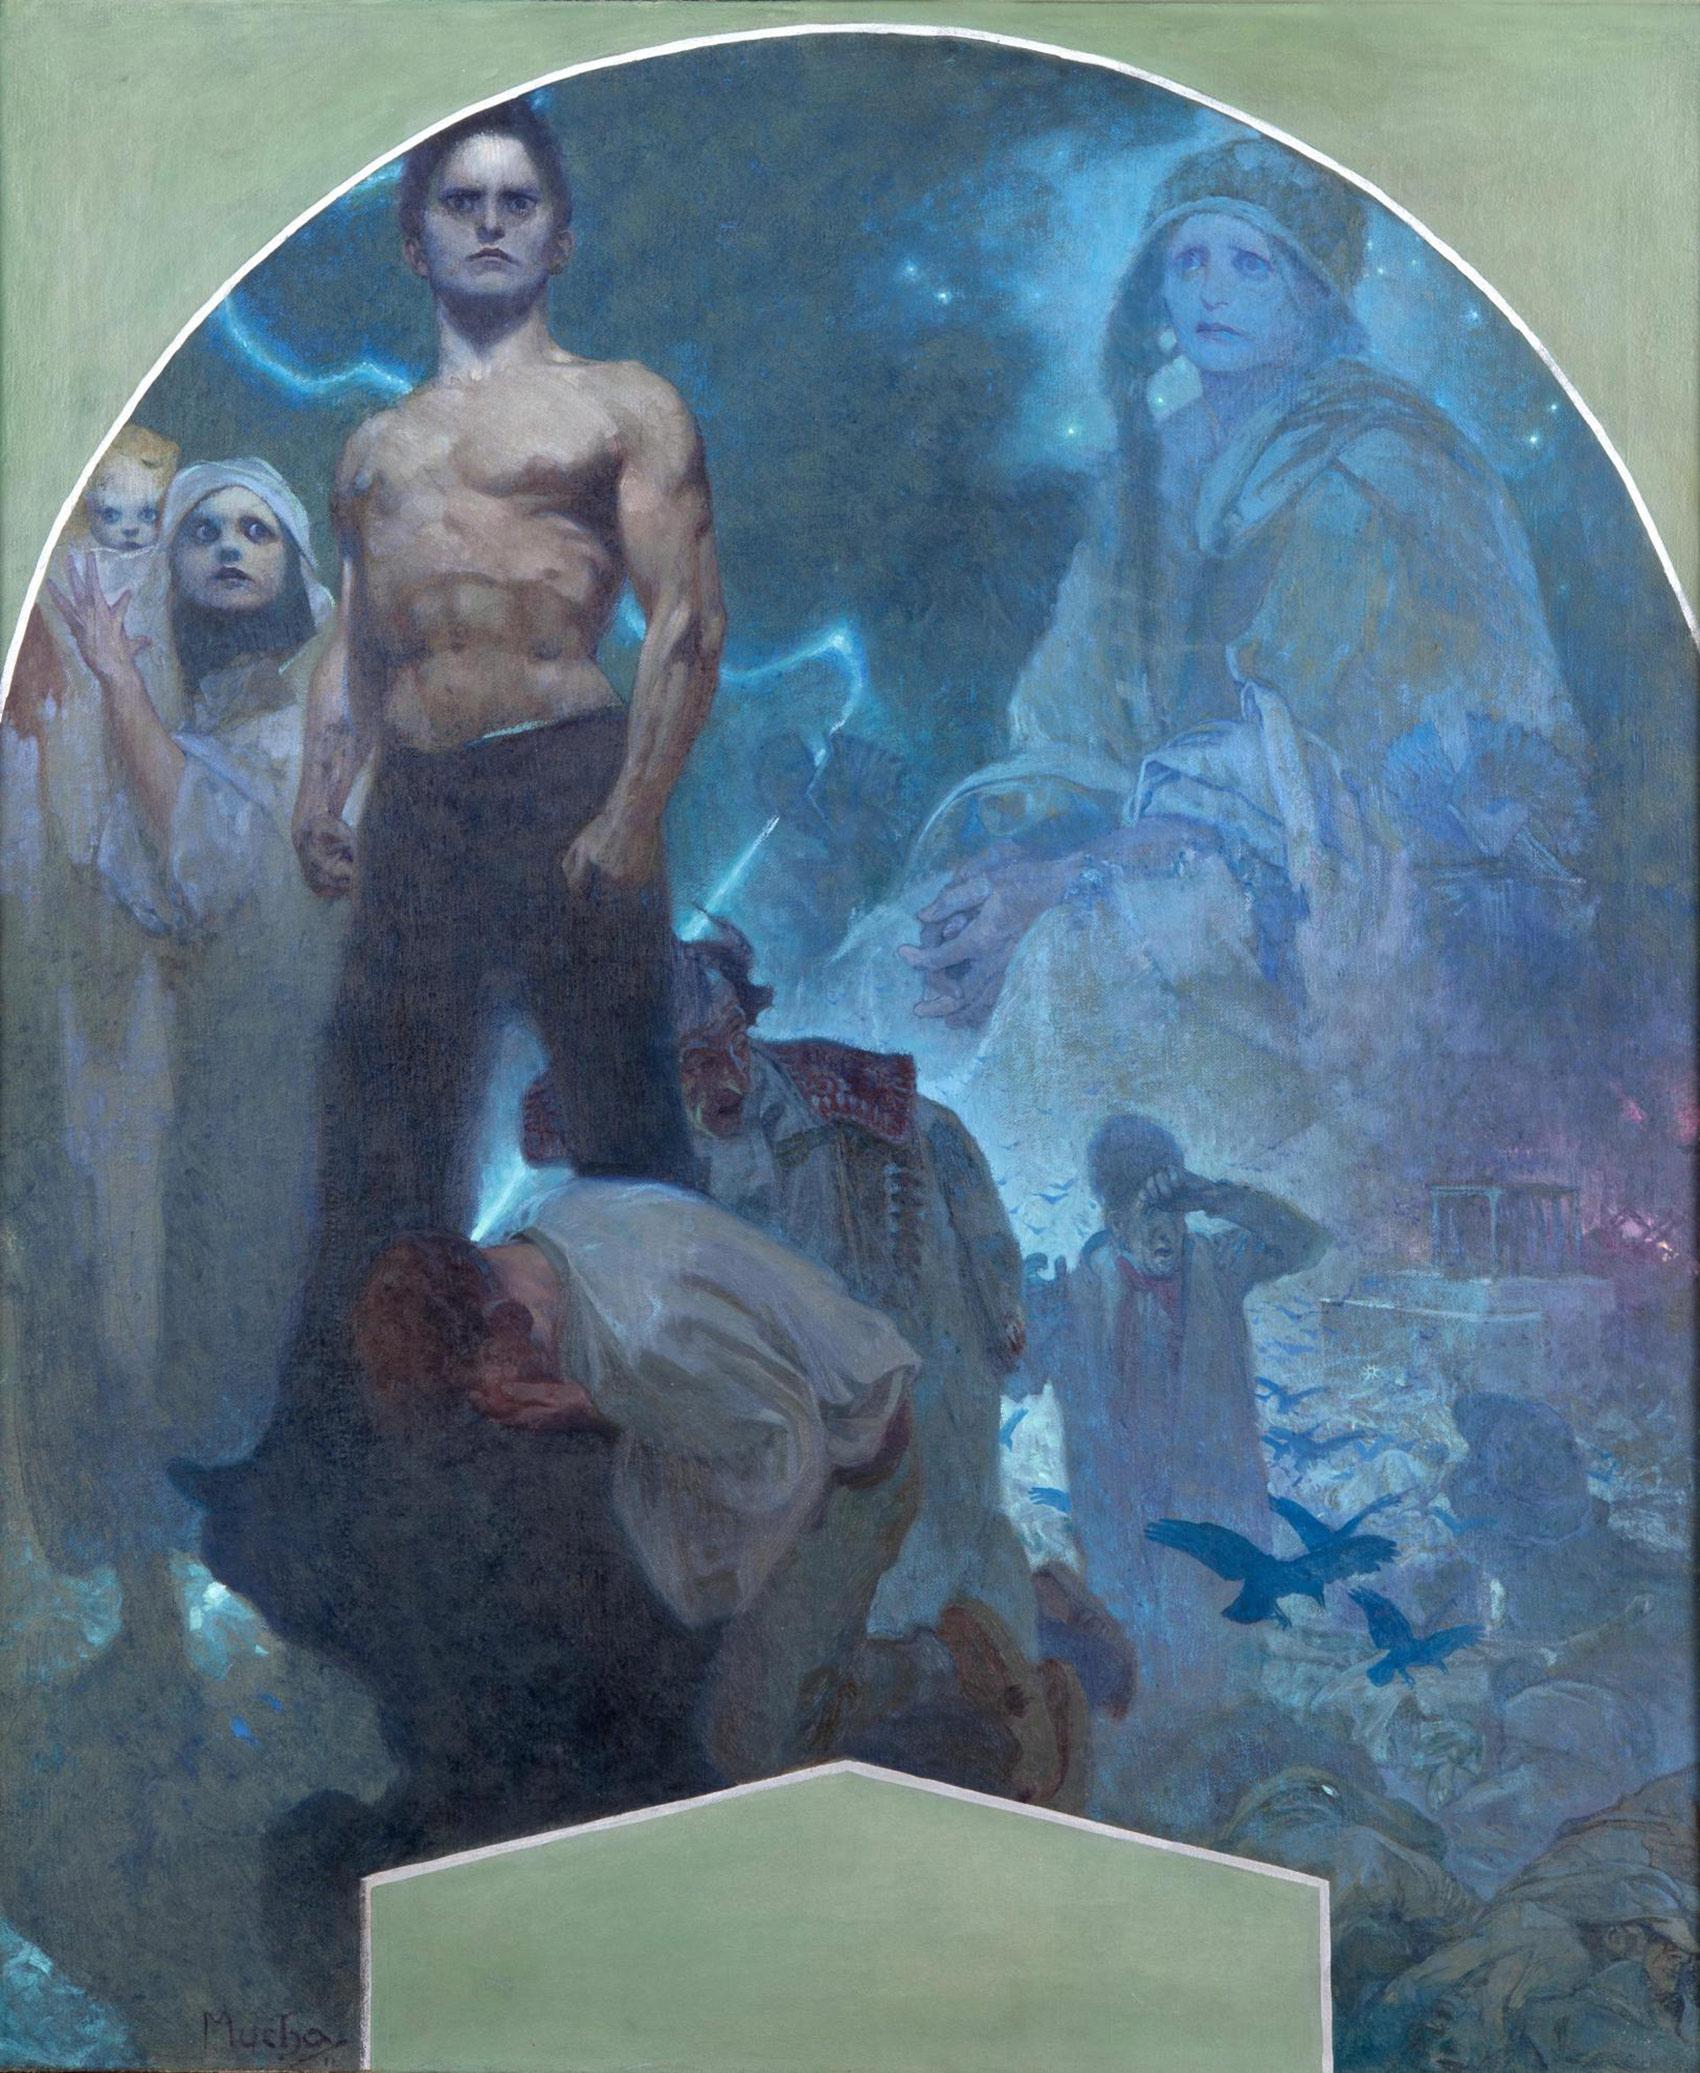 《自力Ⅱ 犠牲と勇気》プラハ市庁舎壁画(下絵)1911年 プラハ市立美術館 ©Prague City Gallery